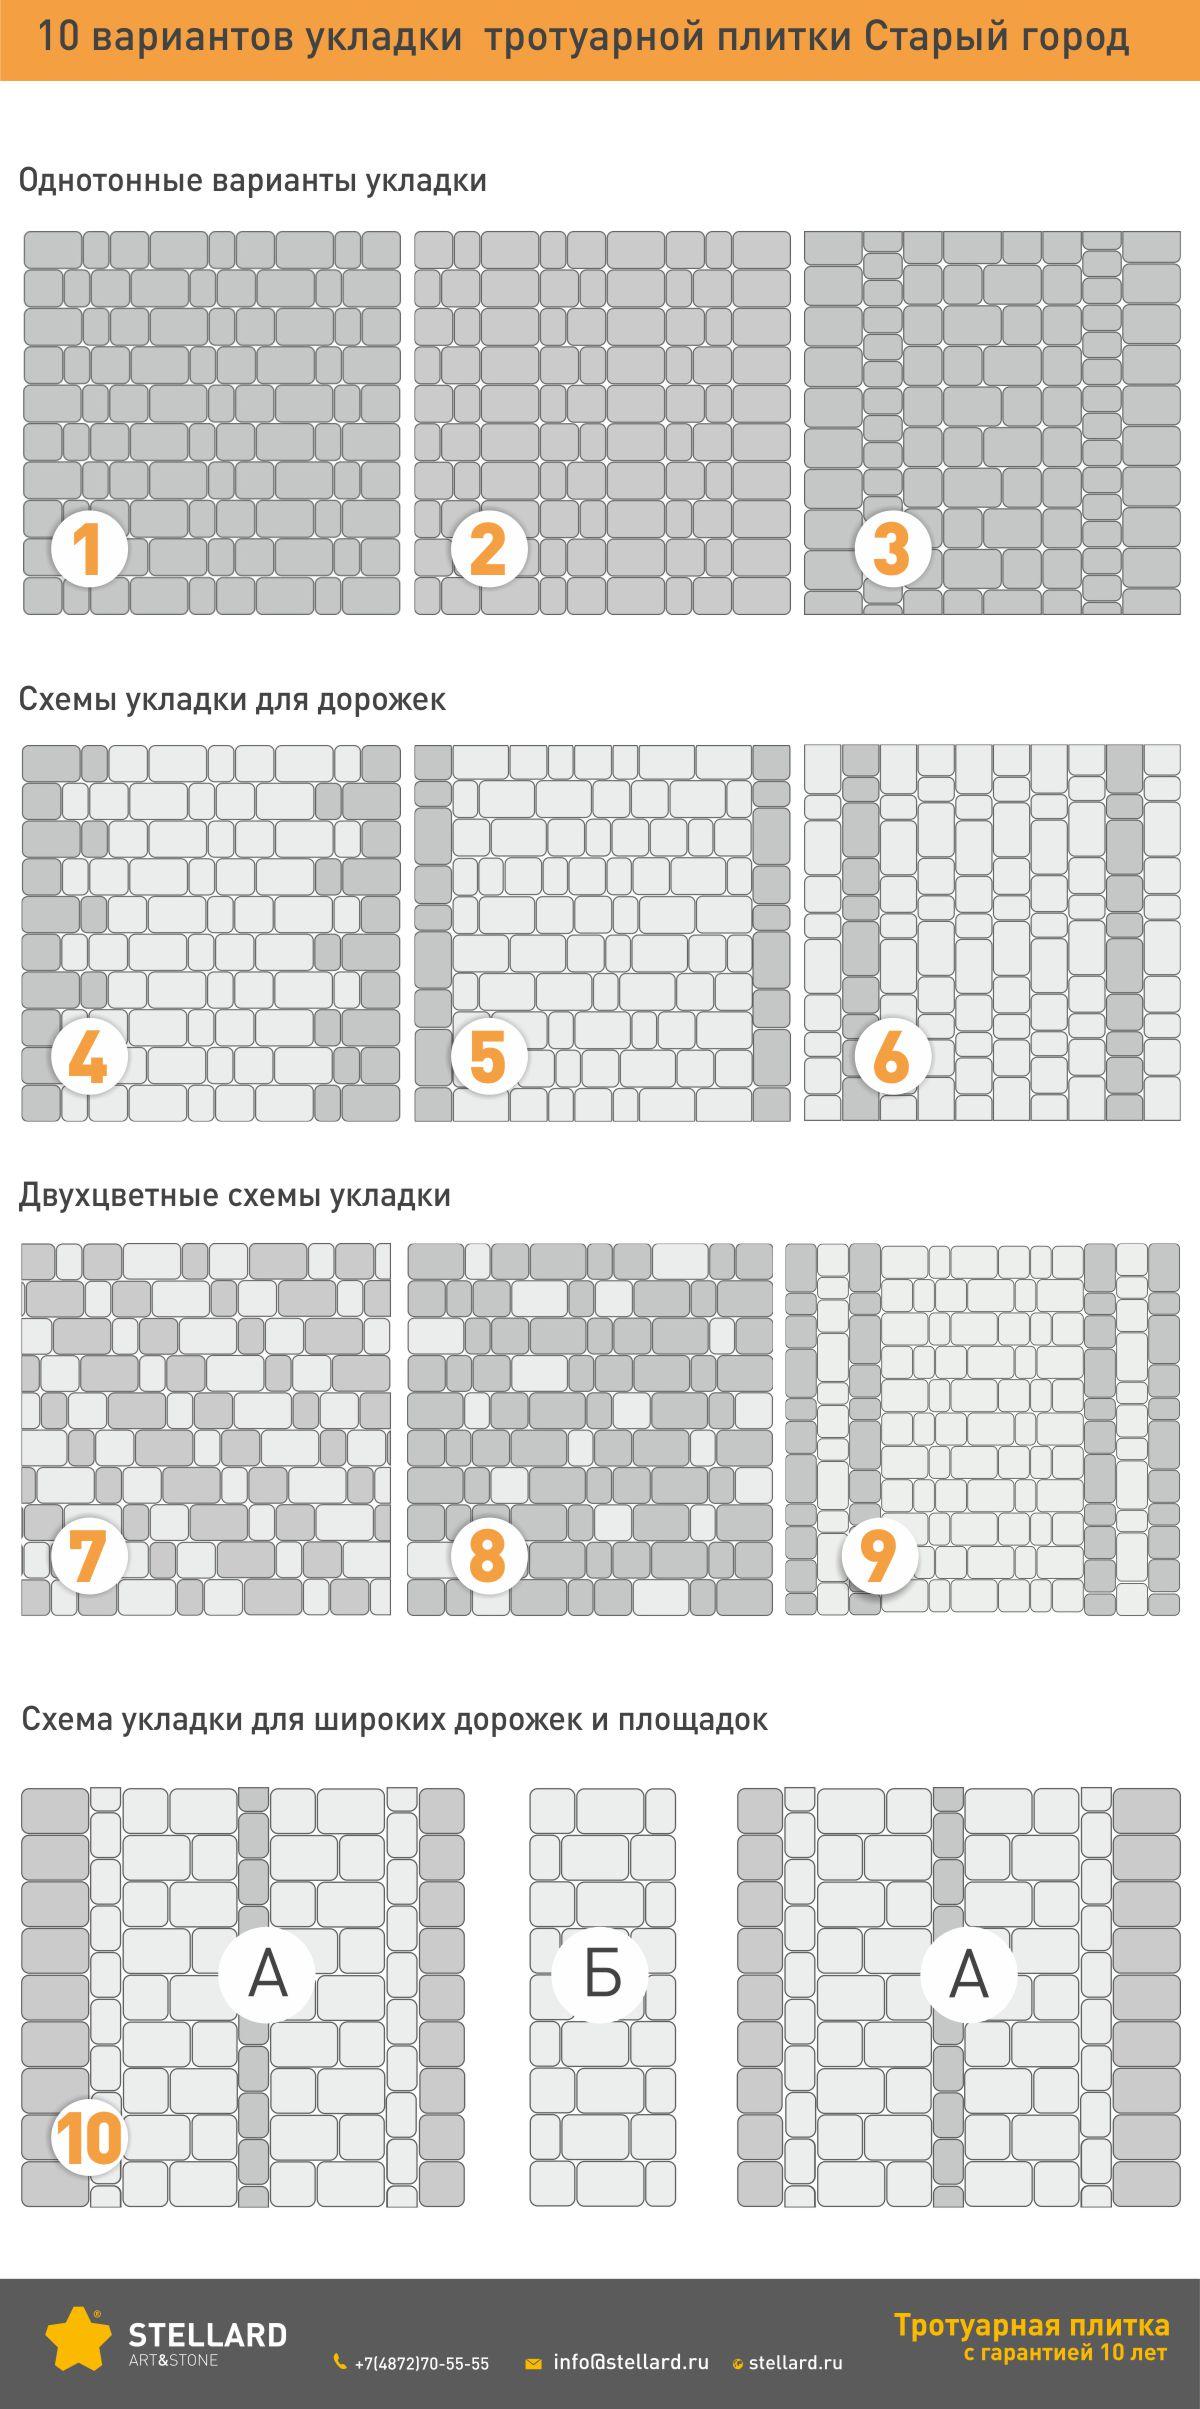 10 вариантов укладки тротуарной плитки Старый город Stellard